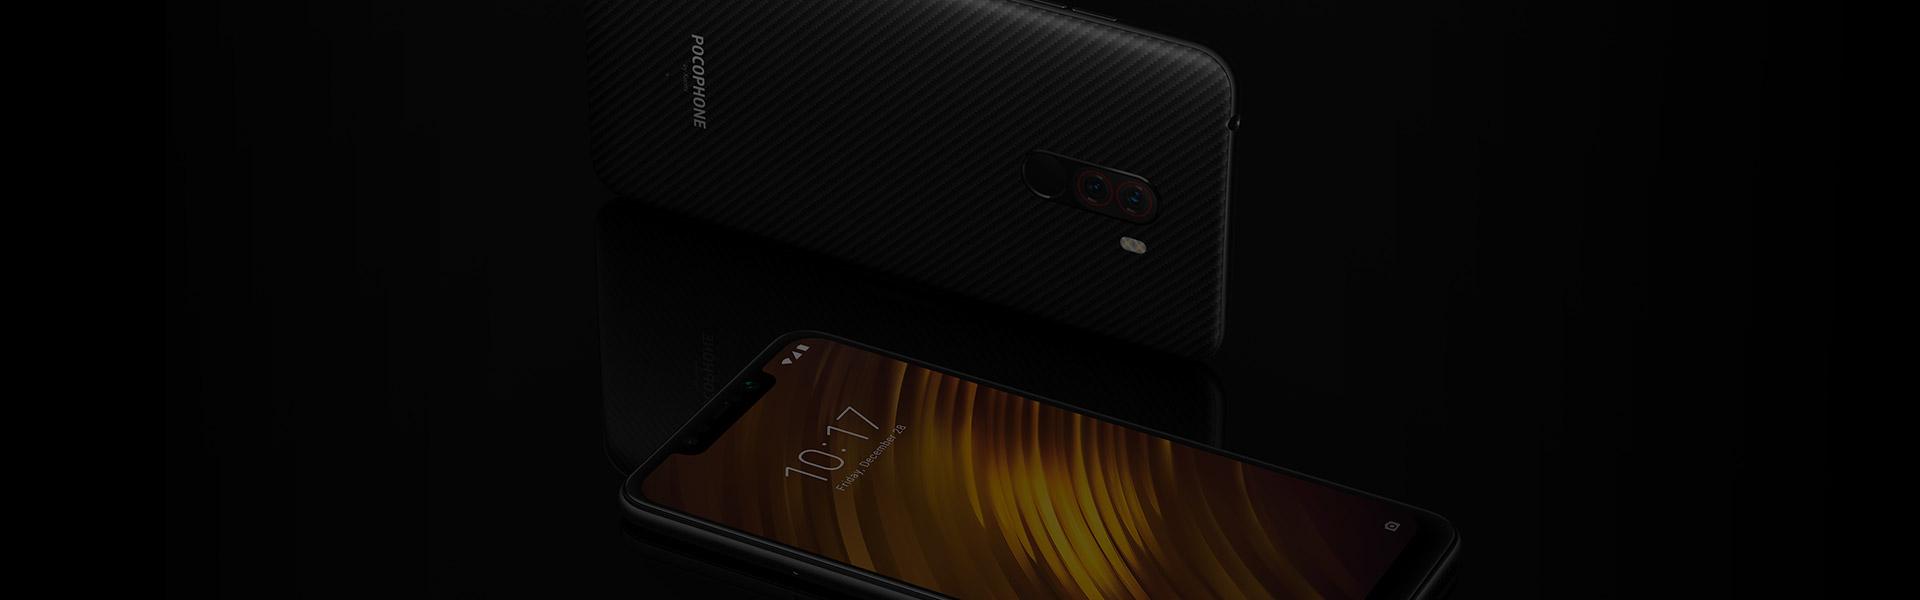 Diez días con el Pocophone de Xiaomi: pedir solo 330 € por esta genialidad es de risa